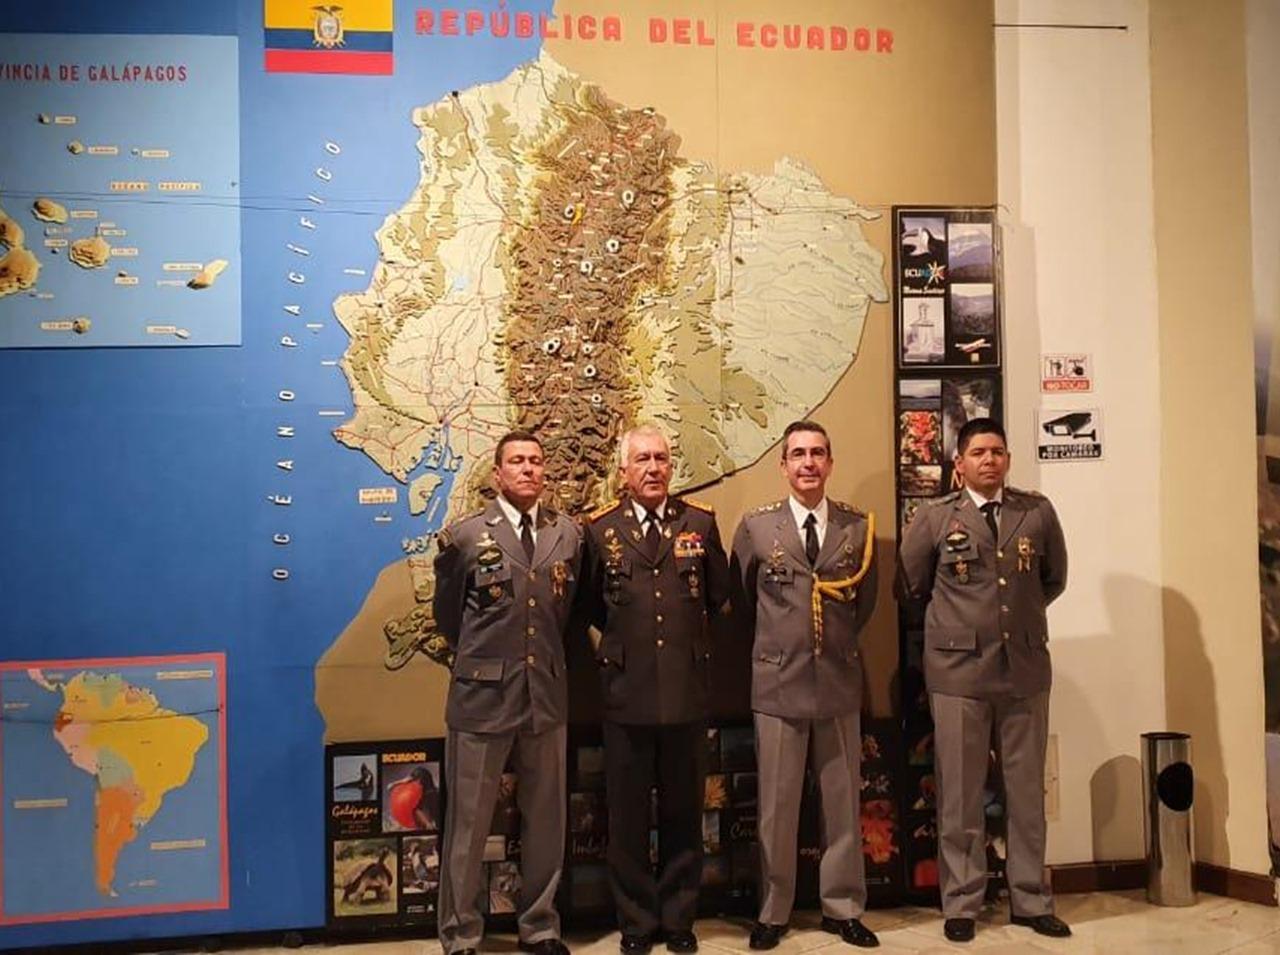 Militares do Exército Brasileiro concluem o Curso de Comando e Estado-Maior Conjunto no Equador